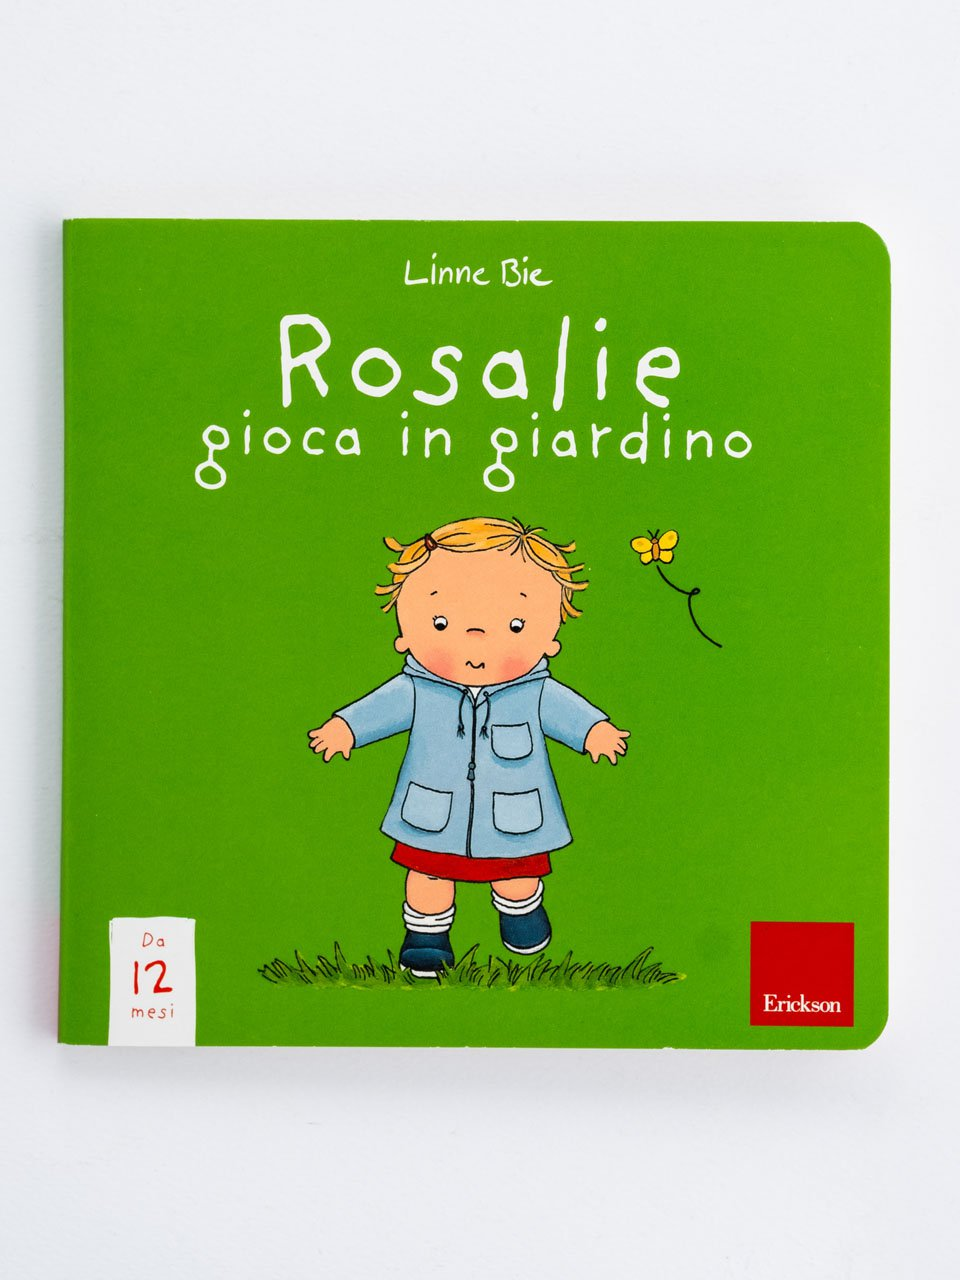 Rosalie gioca in giardino - L'incantesimo di Rocco - App e software - Erickson